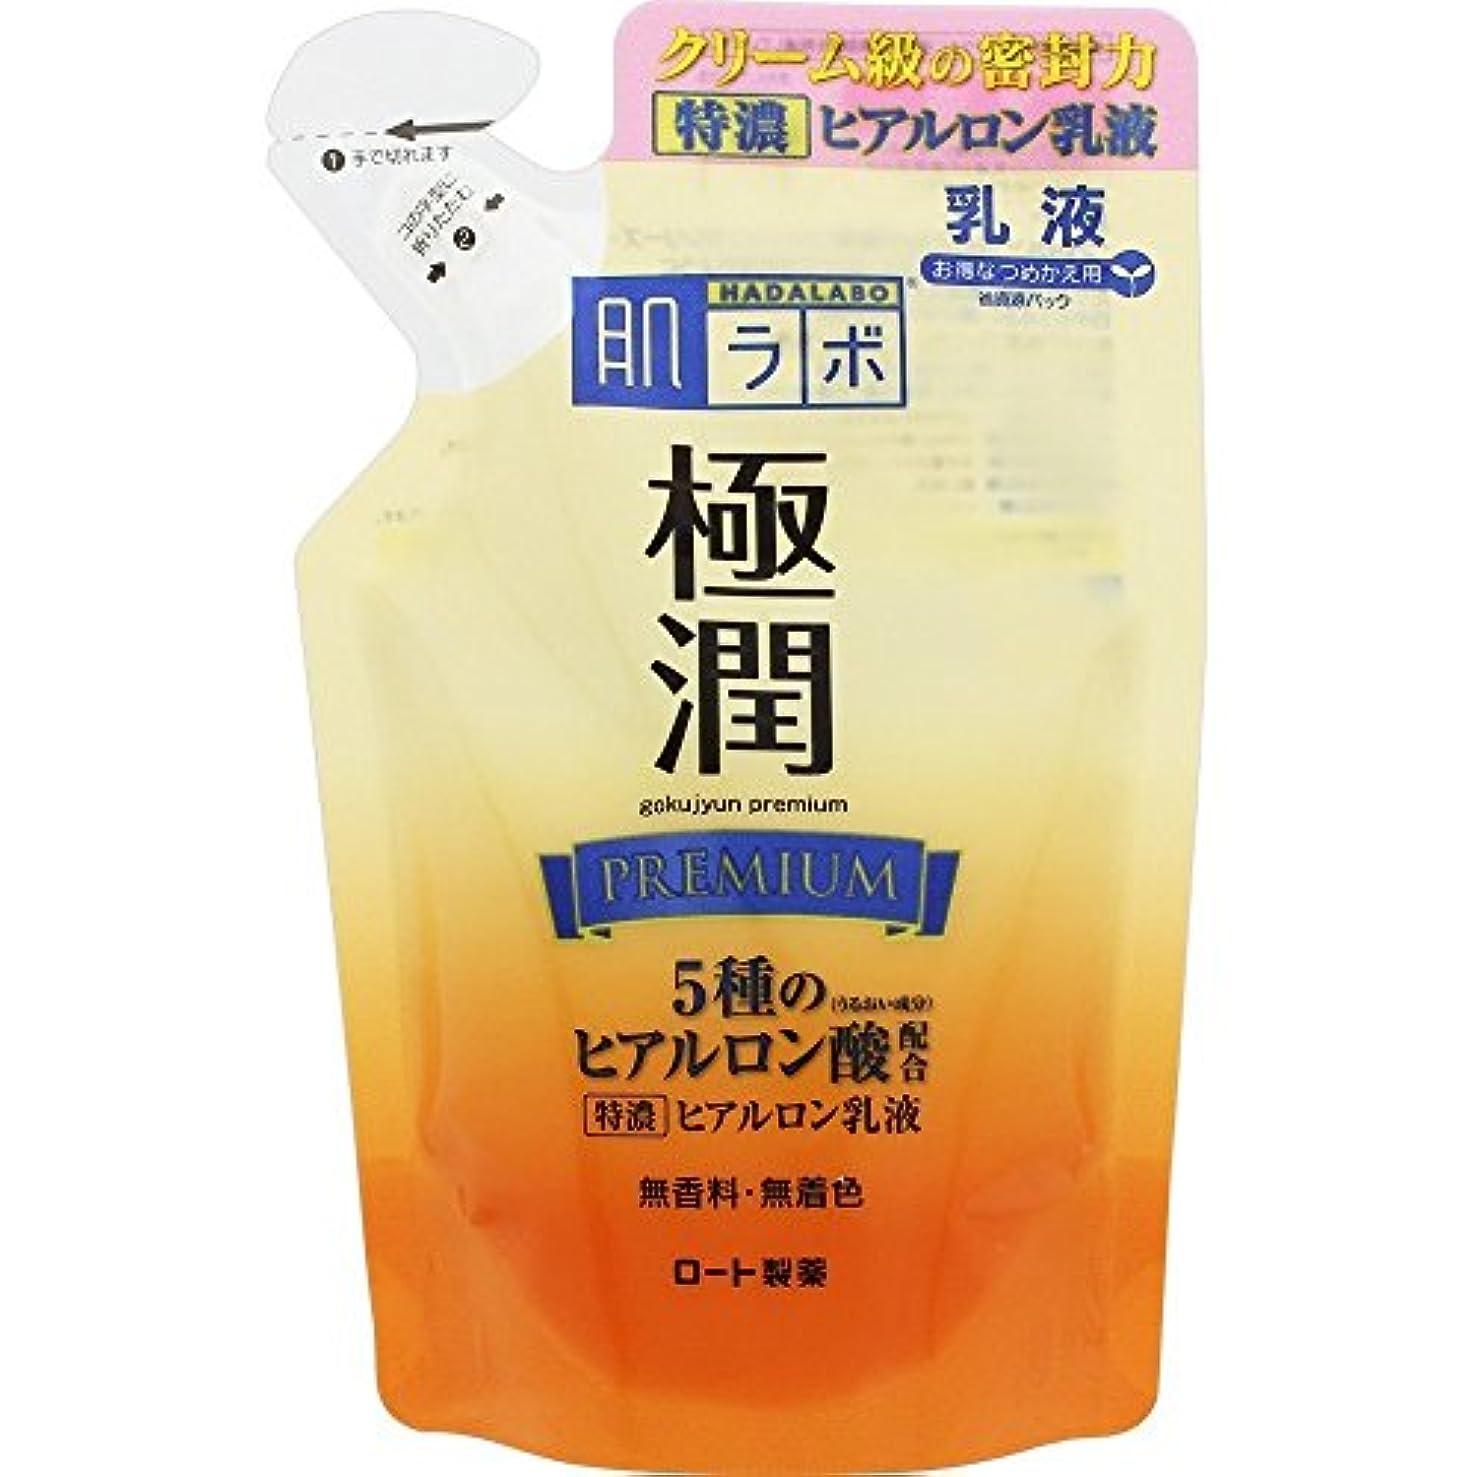 パンツ疾患些細な肌ラボ 極潤プレミアム ヒアルロン乳液 <つめかえ用> 140mL